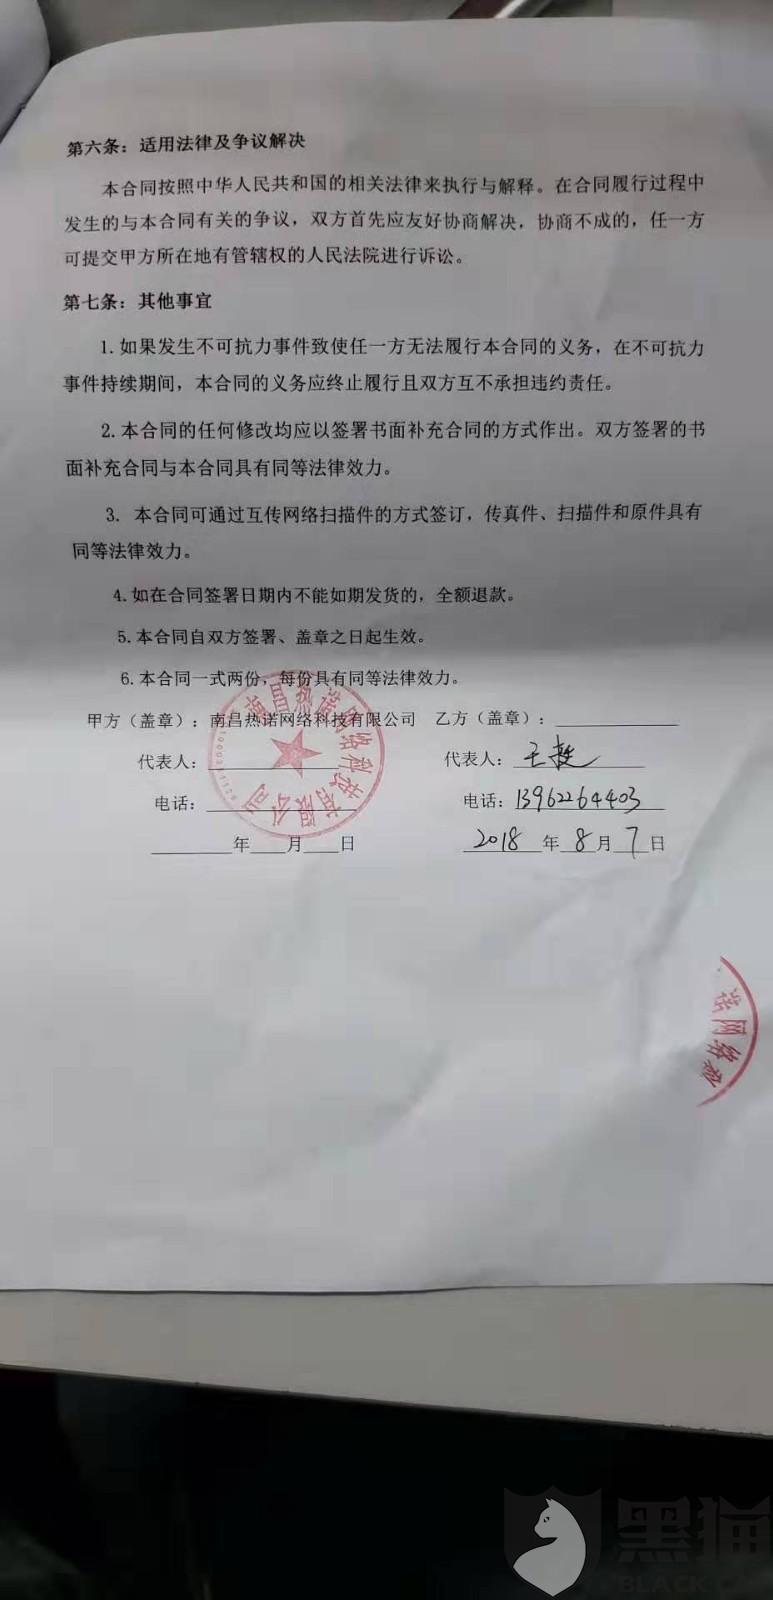 黑猫投诉:南昌热诺网络科技有限公司存在销售欺诈